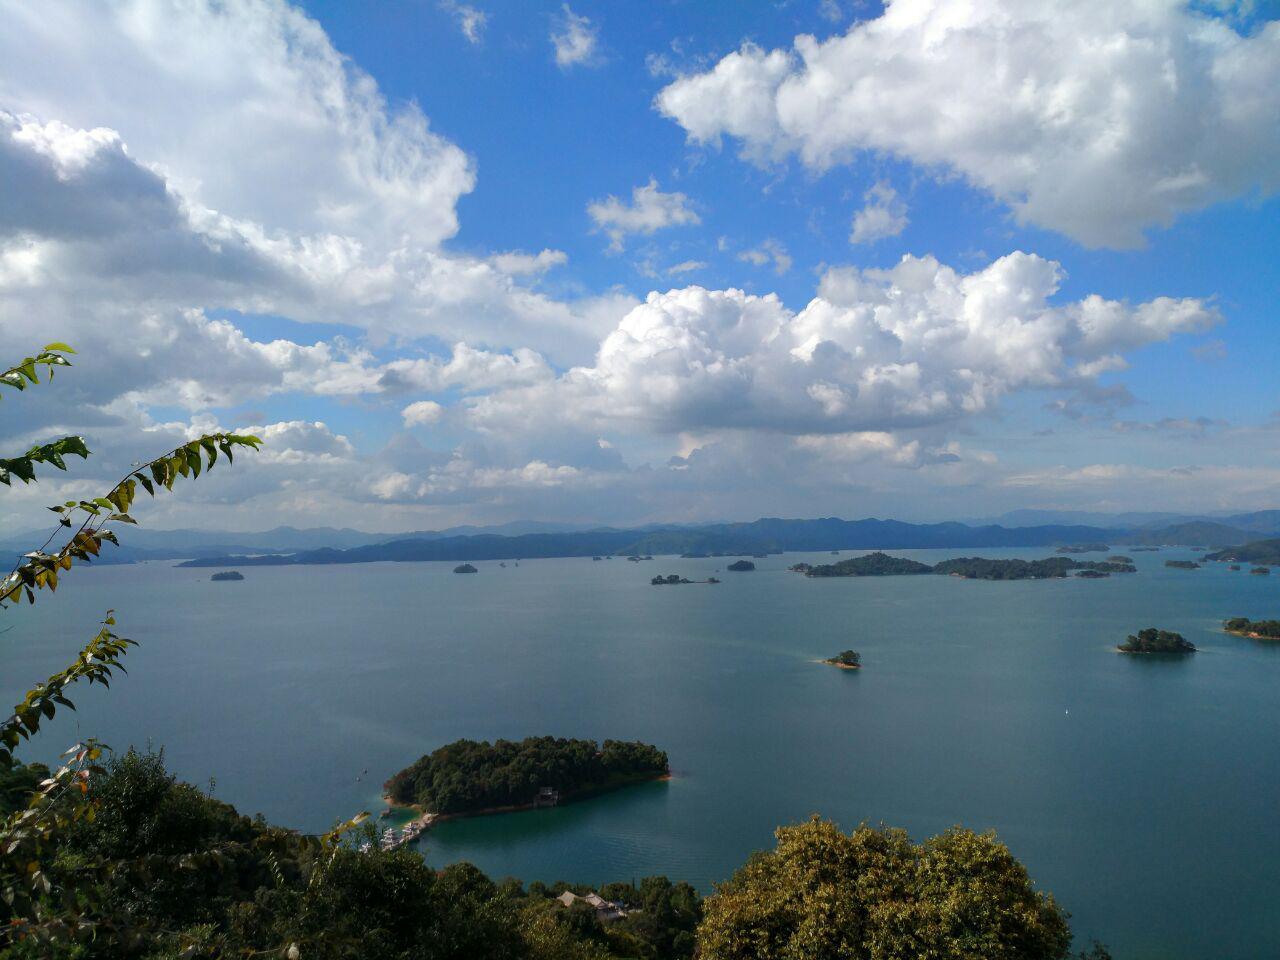 忽然想去看看,镜花缘,万绿湖是不是依旧美?